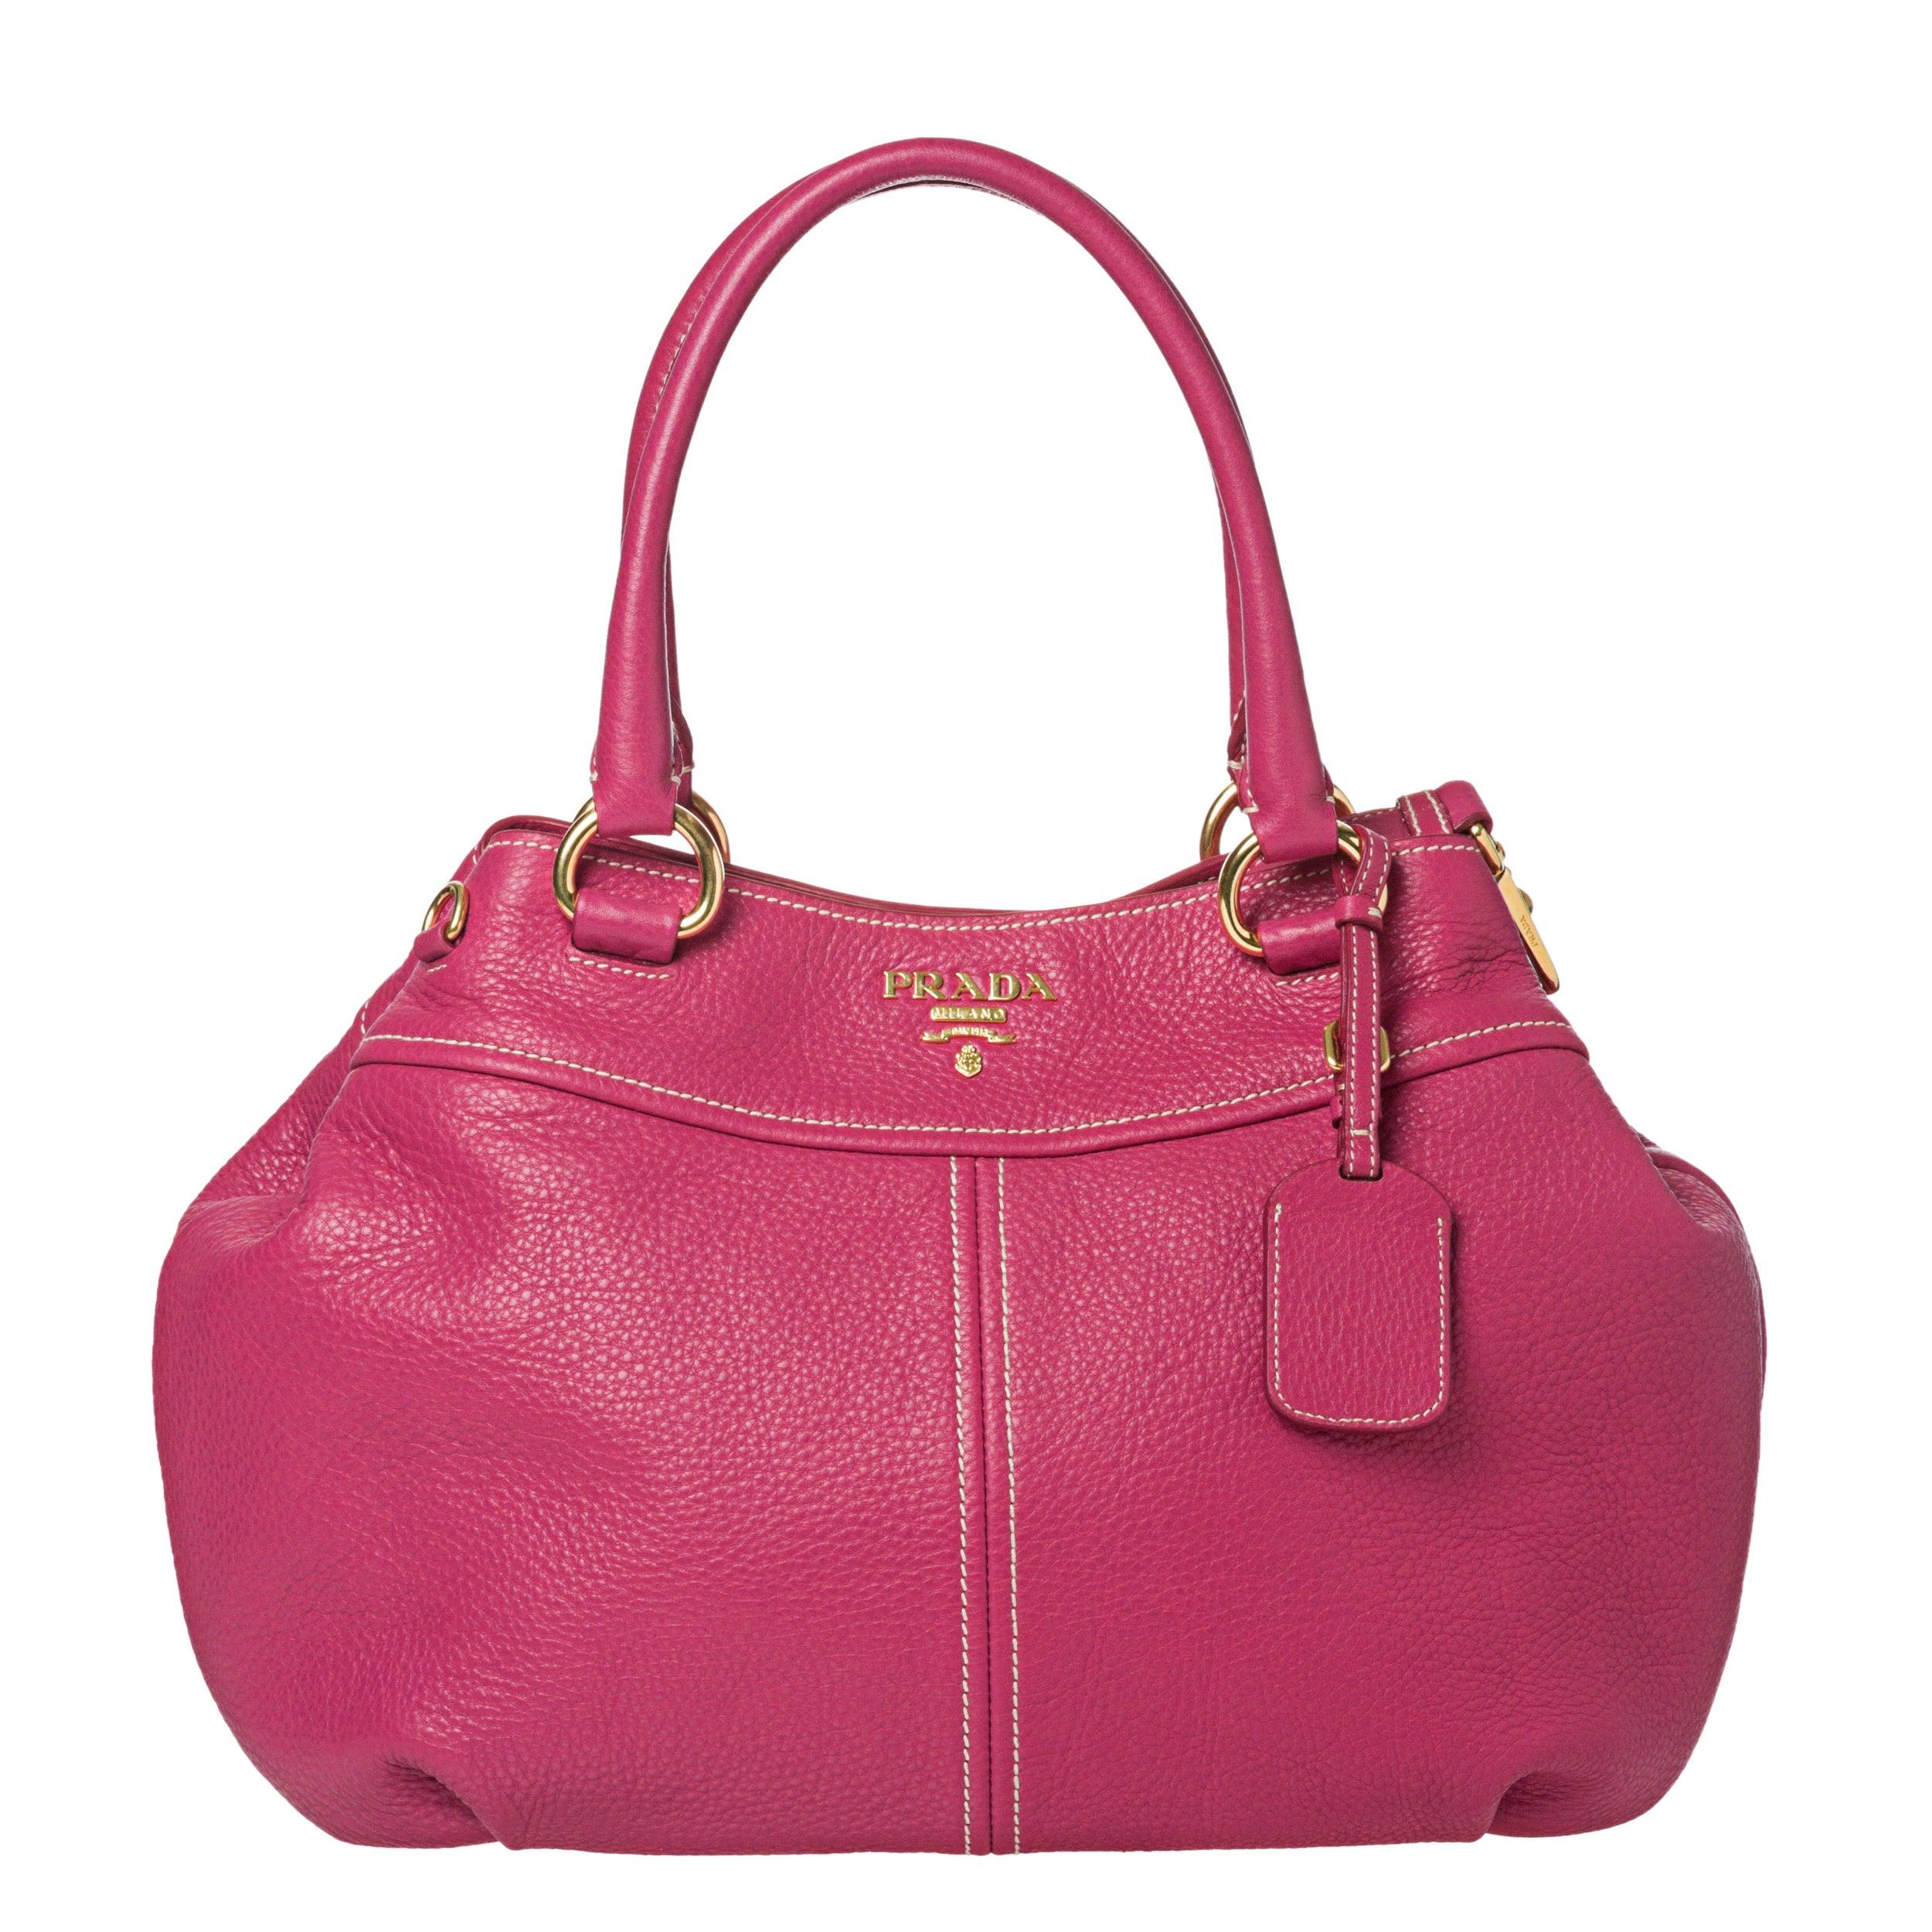 Prada Pink Leather Double Handle Hobo Bag